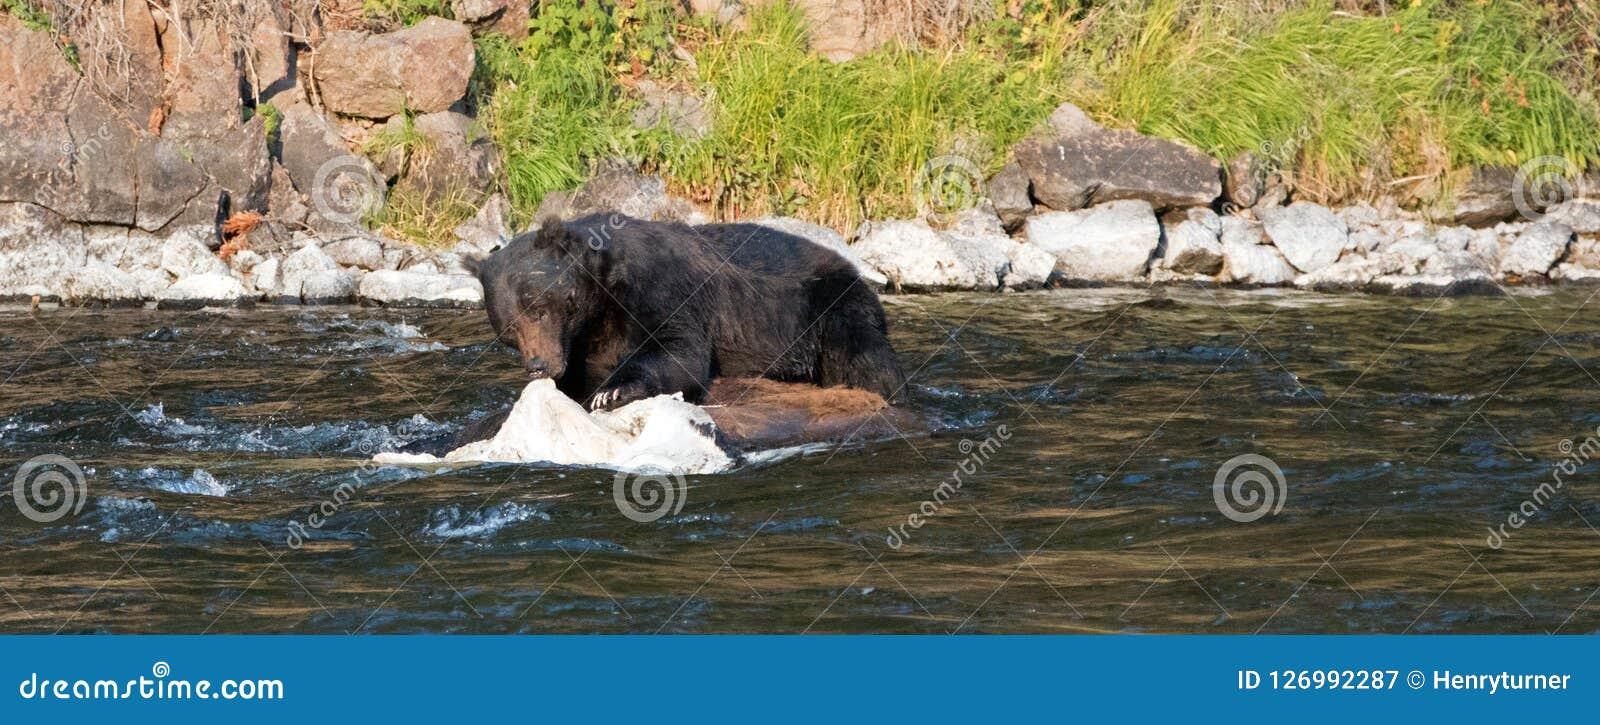 Grizzly Bear Boar Feeding On A Dead Buffalo Carcass In The Lehardy